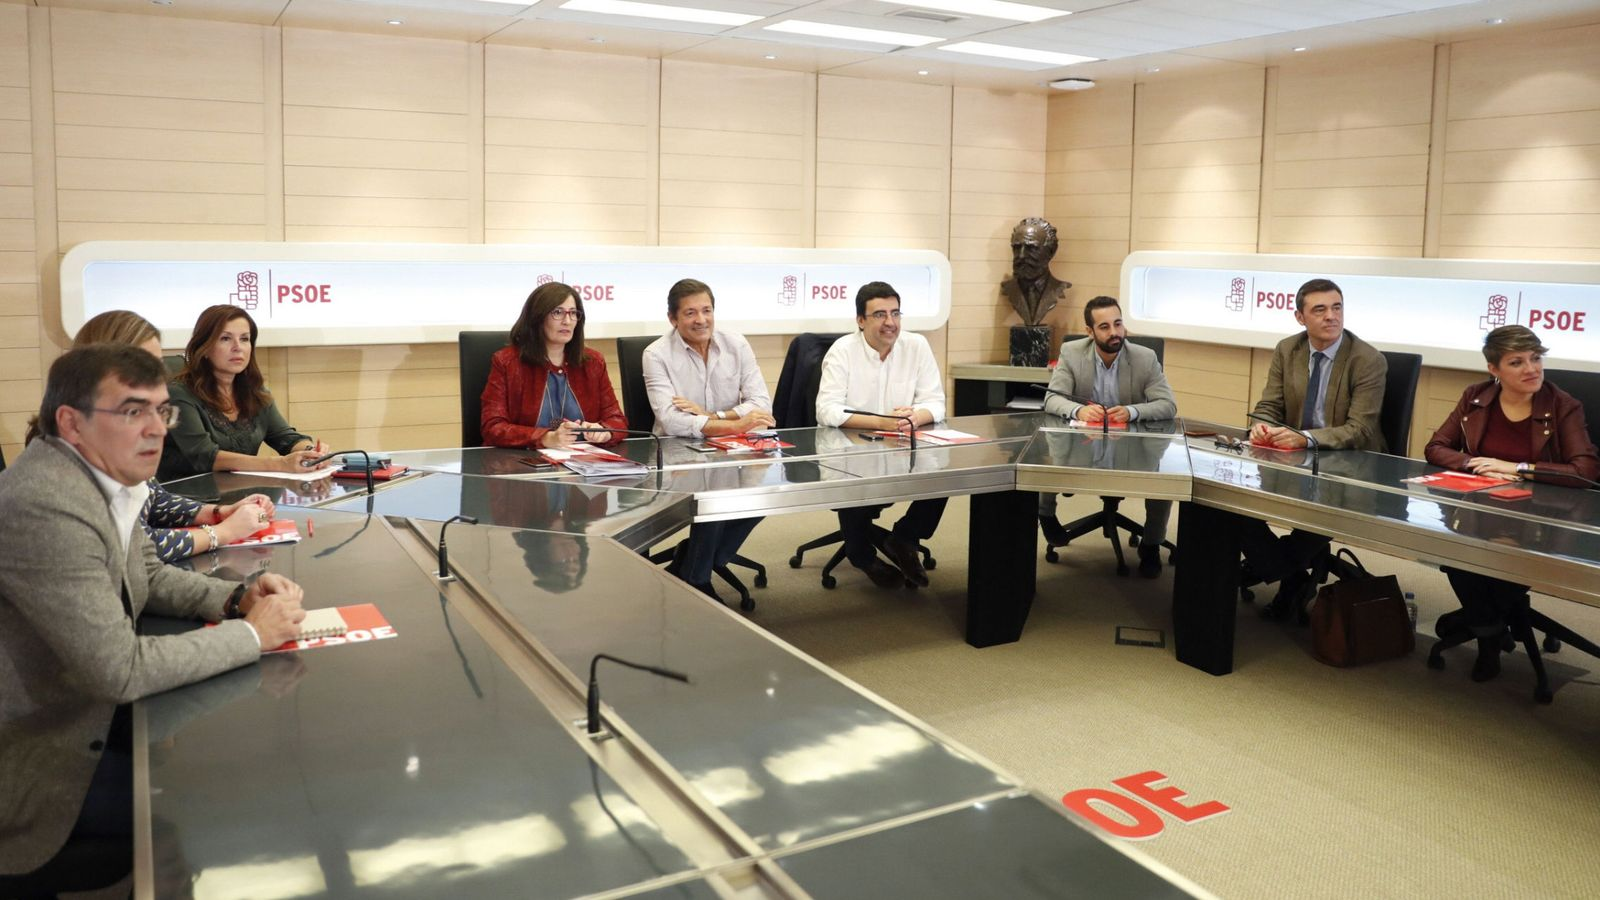 Foto: Reunión de la comisión gestora del PSOE en la sede del partdo. (EFE)